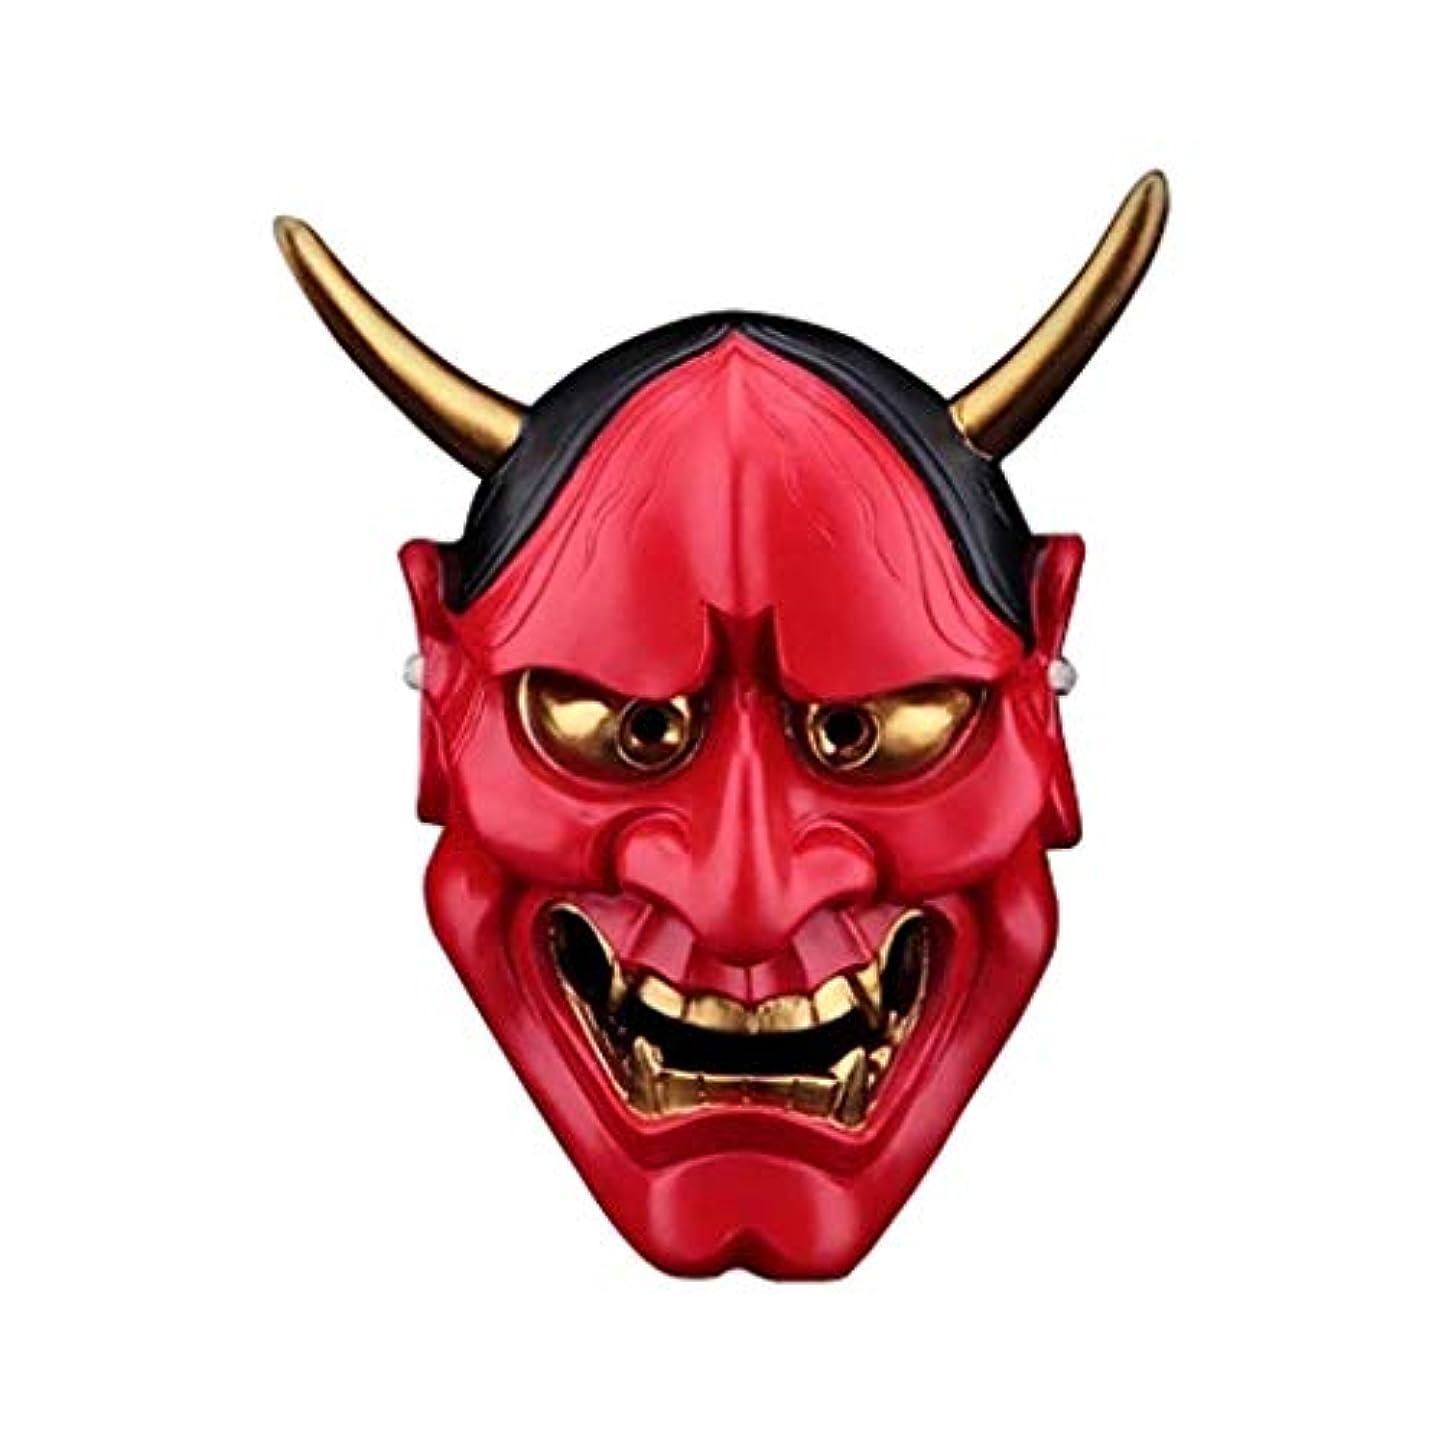 嬉しいですウィザードナースハロウィンホラーマスク、成人用樹脂マスクデコレーション (Color : RED)